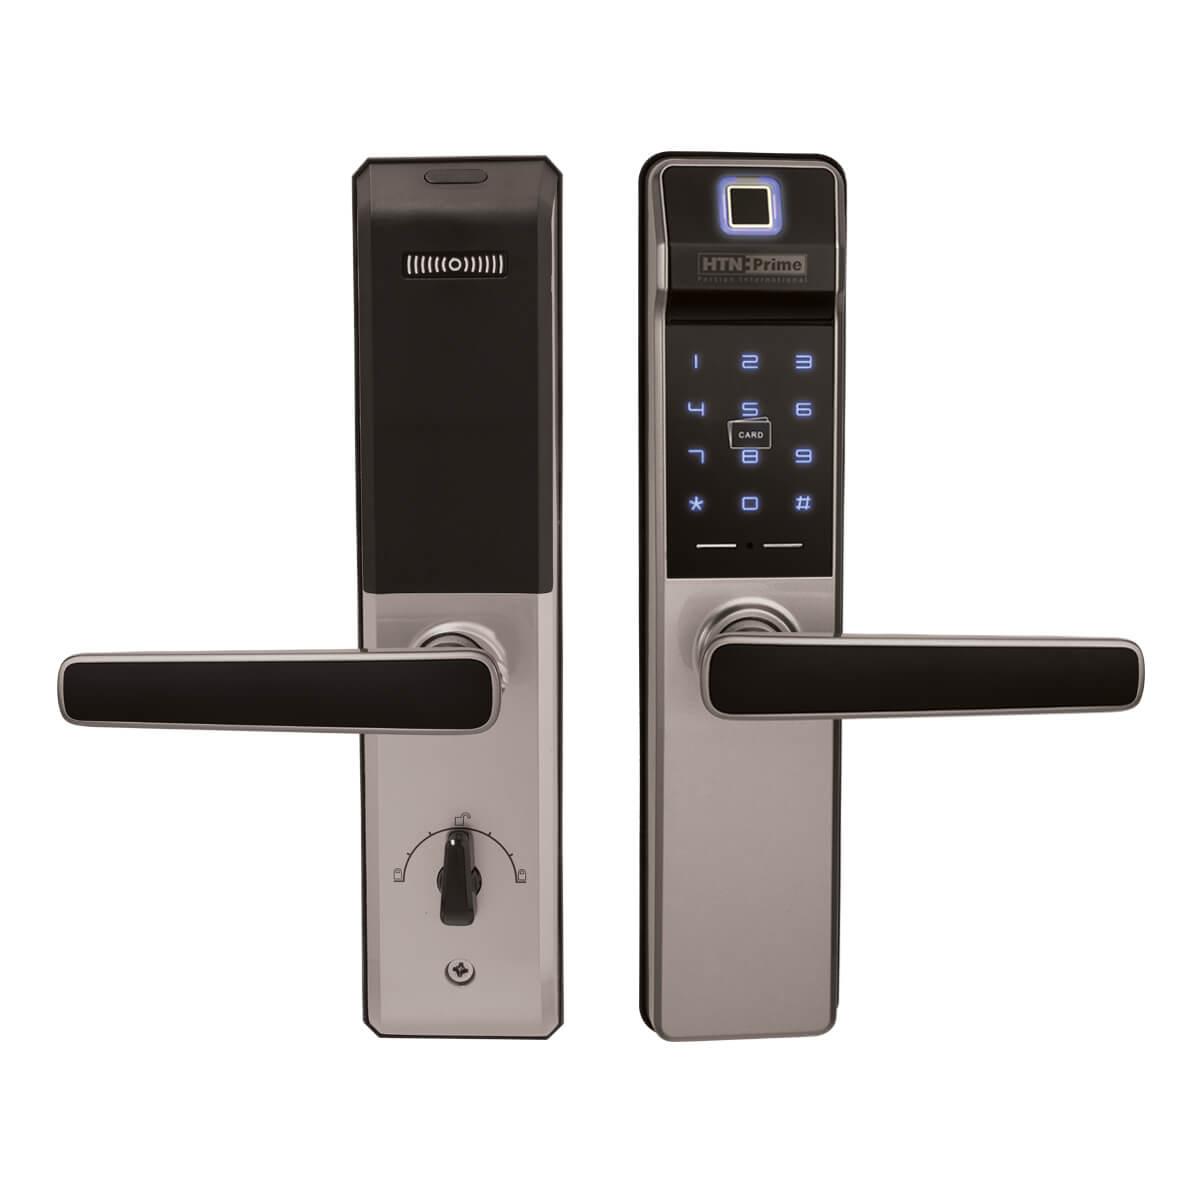 قفل الکترونیکی مدل 334S